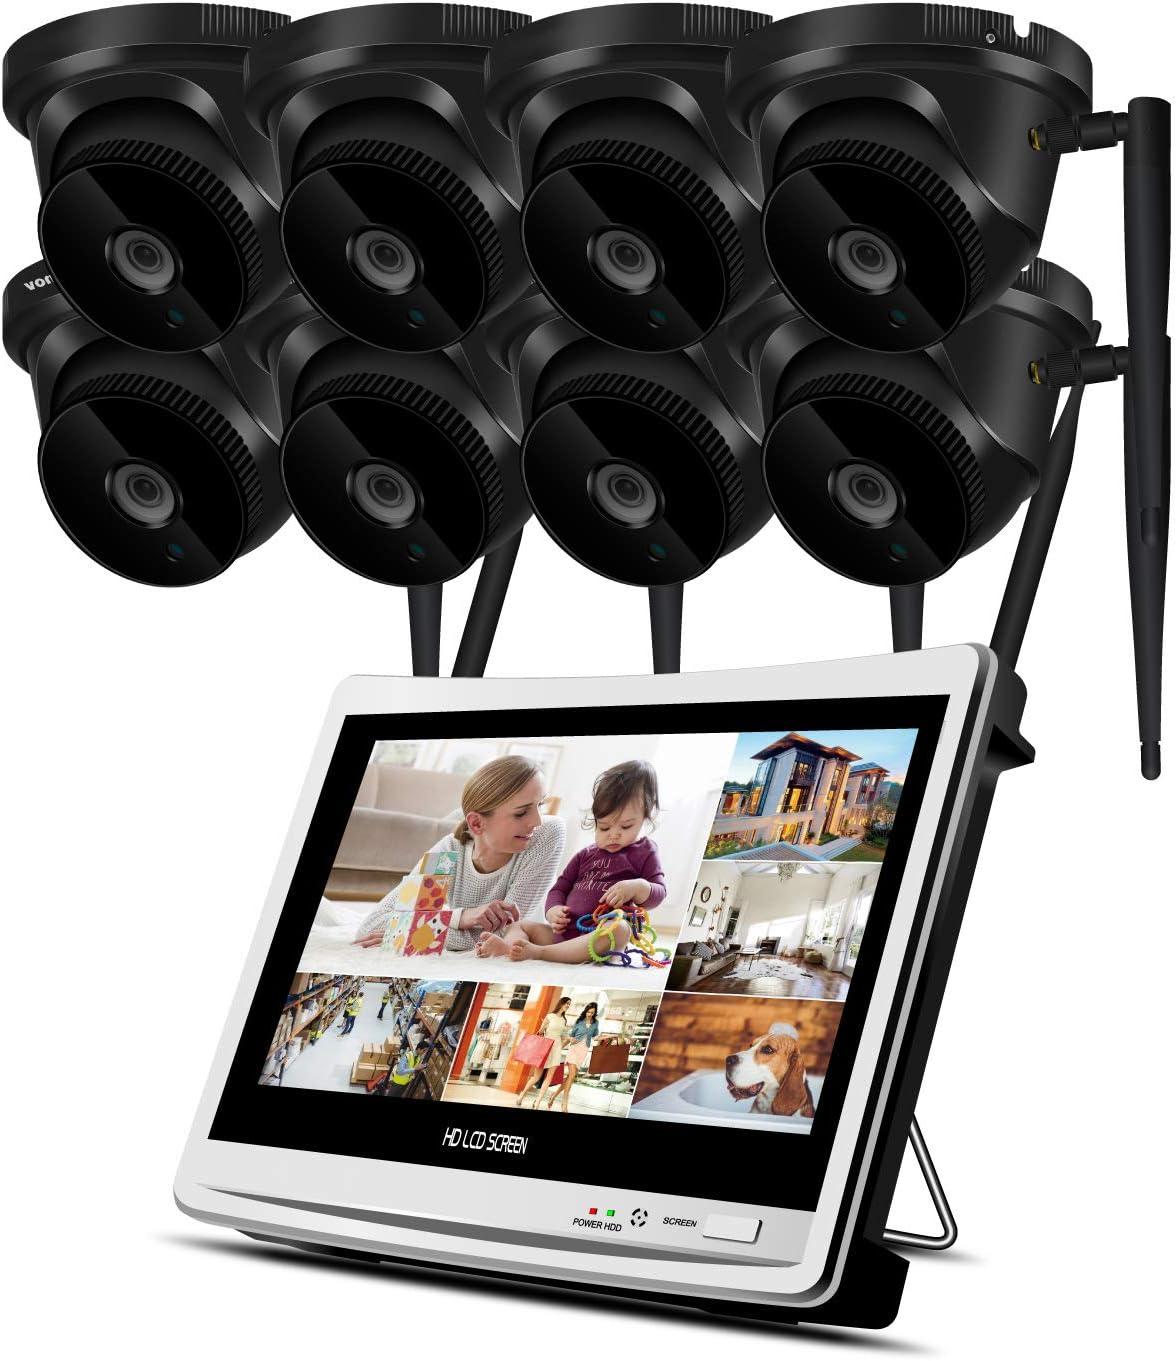 Equipo inalámbrico de cámaras de circuito cerrado de televisión para exteriores de largo alcance 1080p Spotlight WiFi Seguridad IP 4 Kit de cámaras, grabadora de 8 canales NVR con disco duro de 2TB